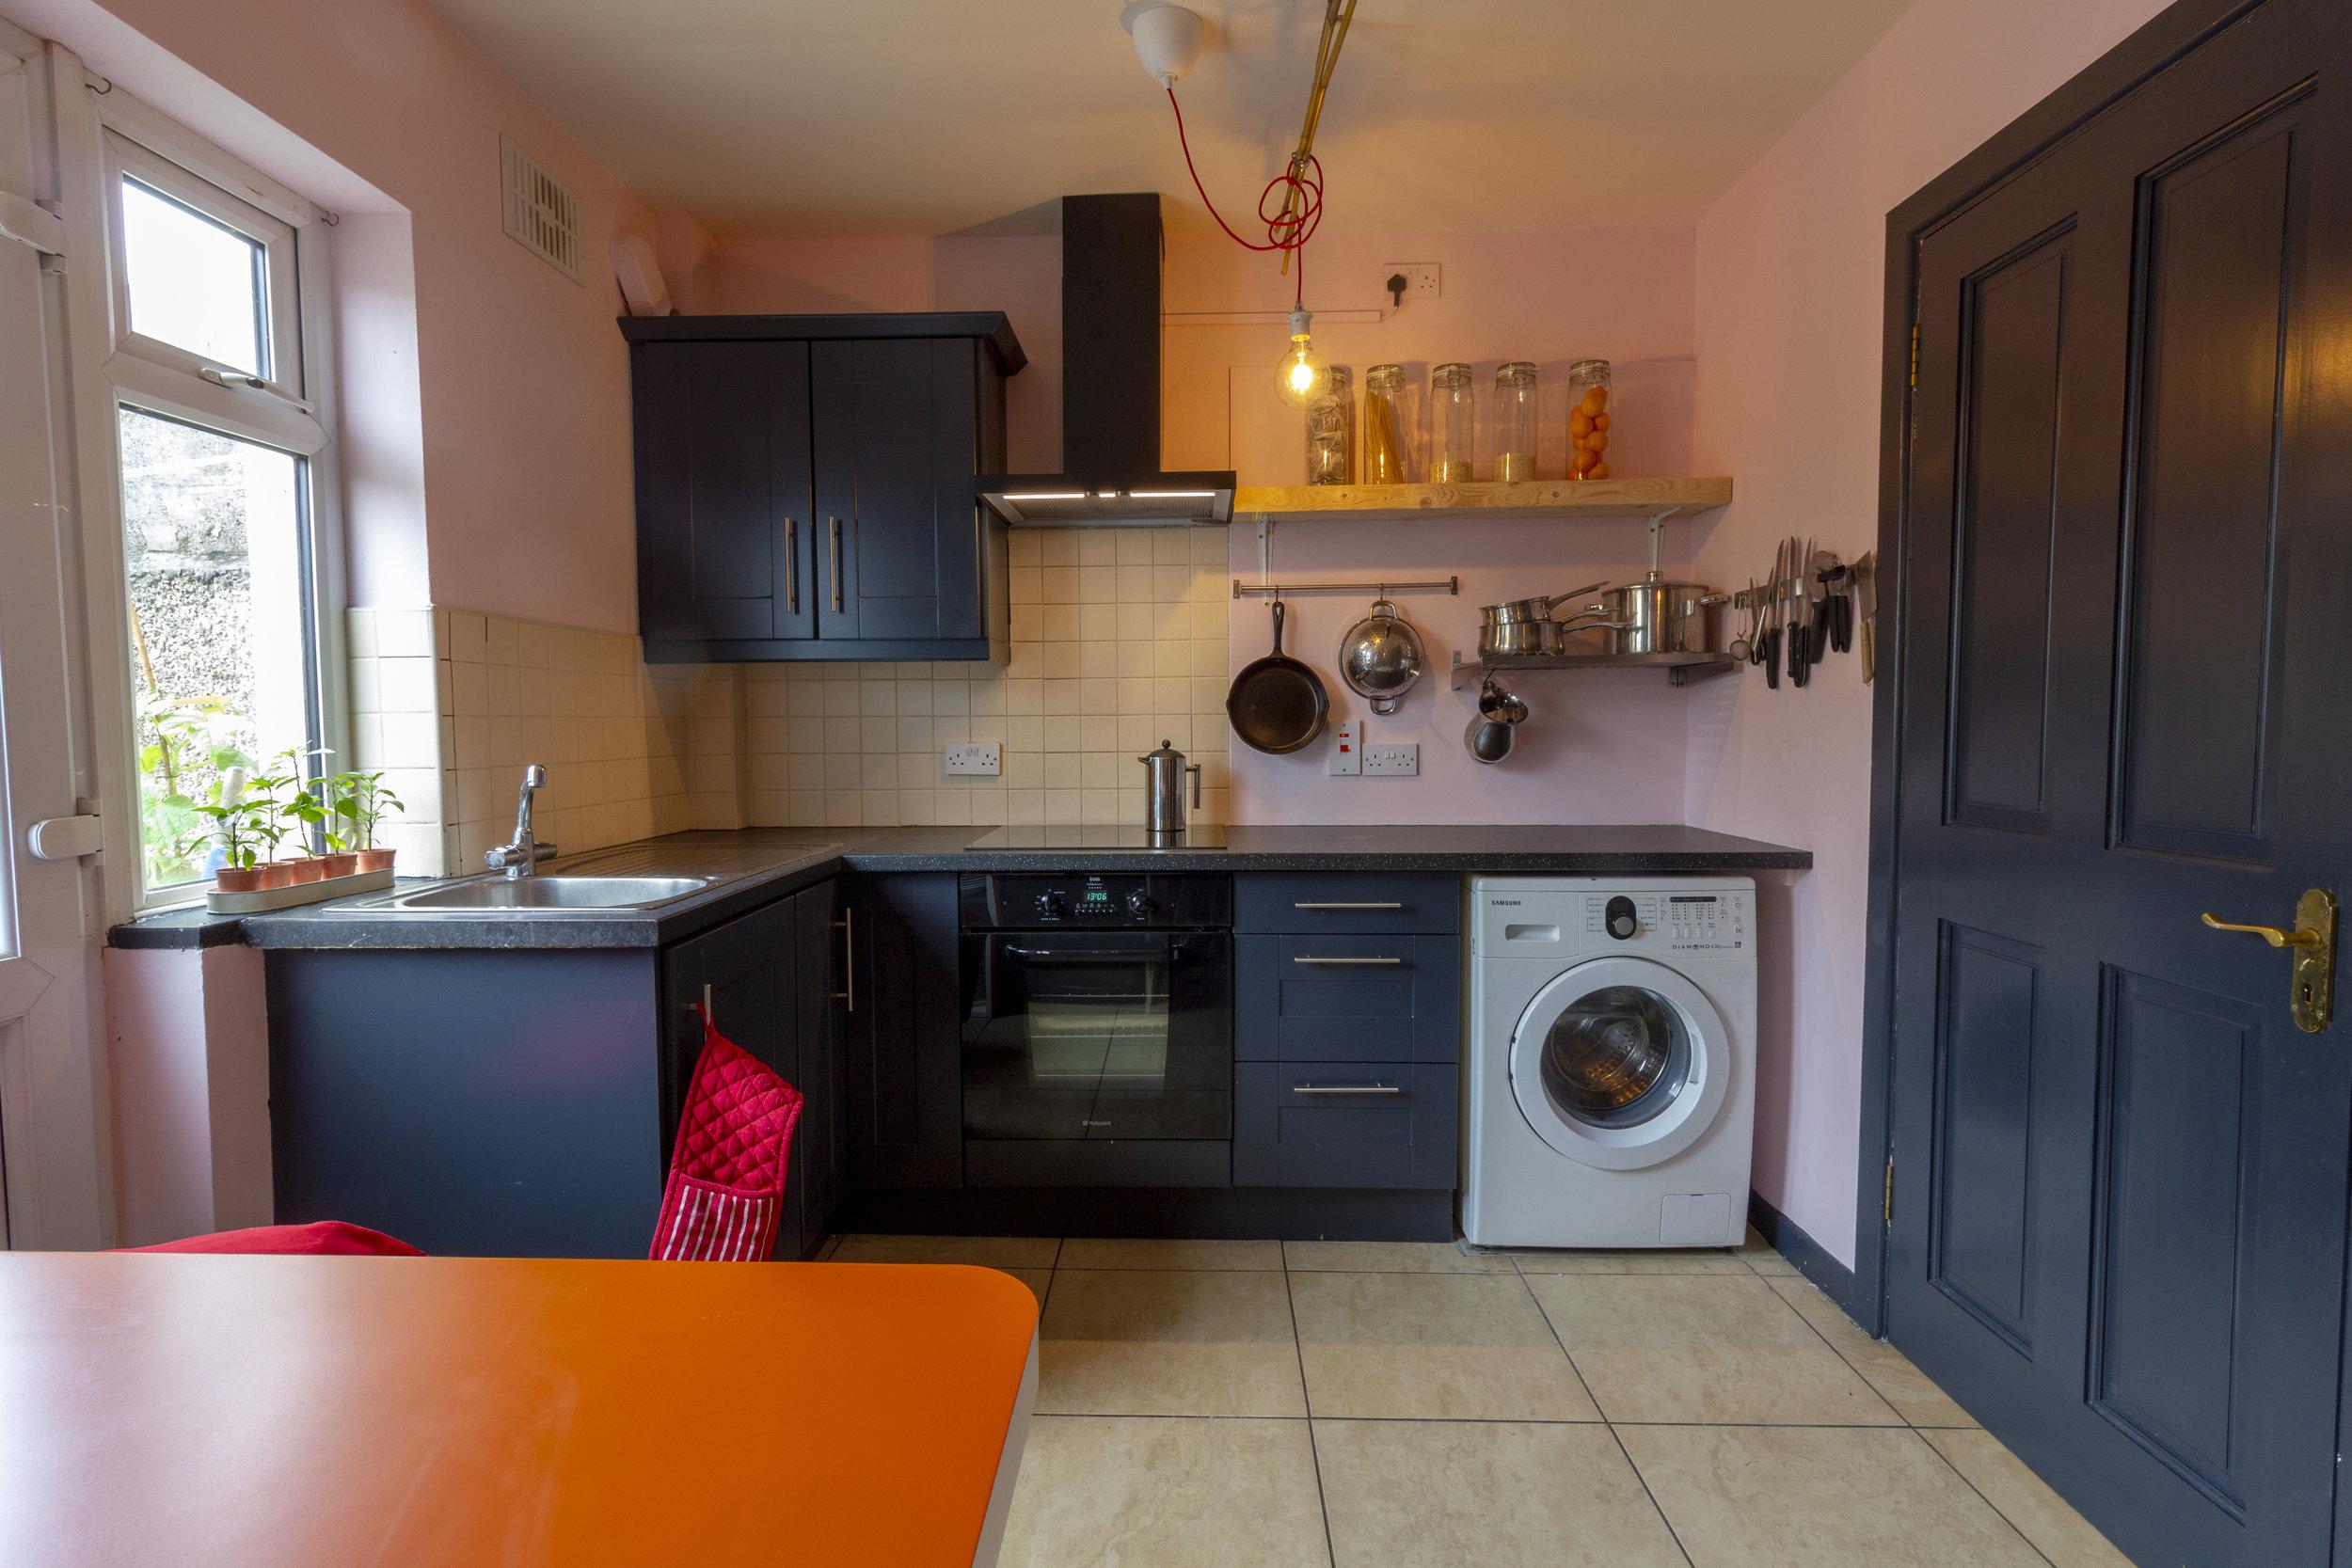 HR - Laytown - After - Kitchen 11.jpg